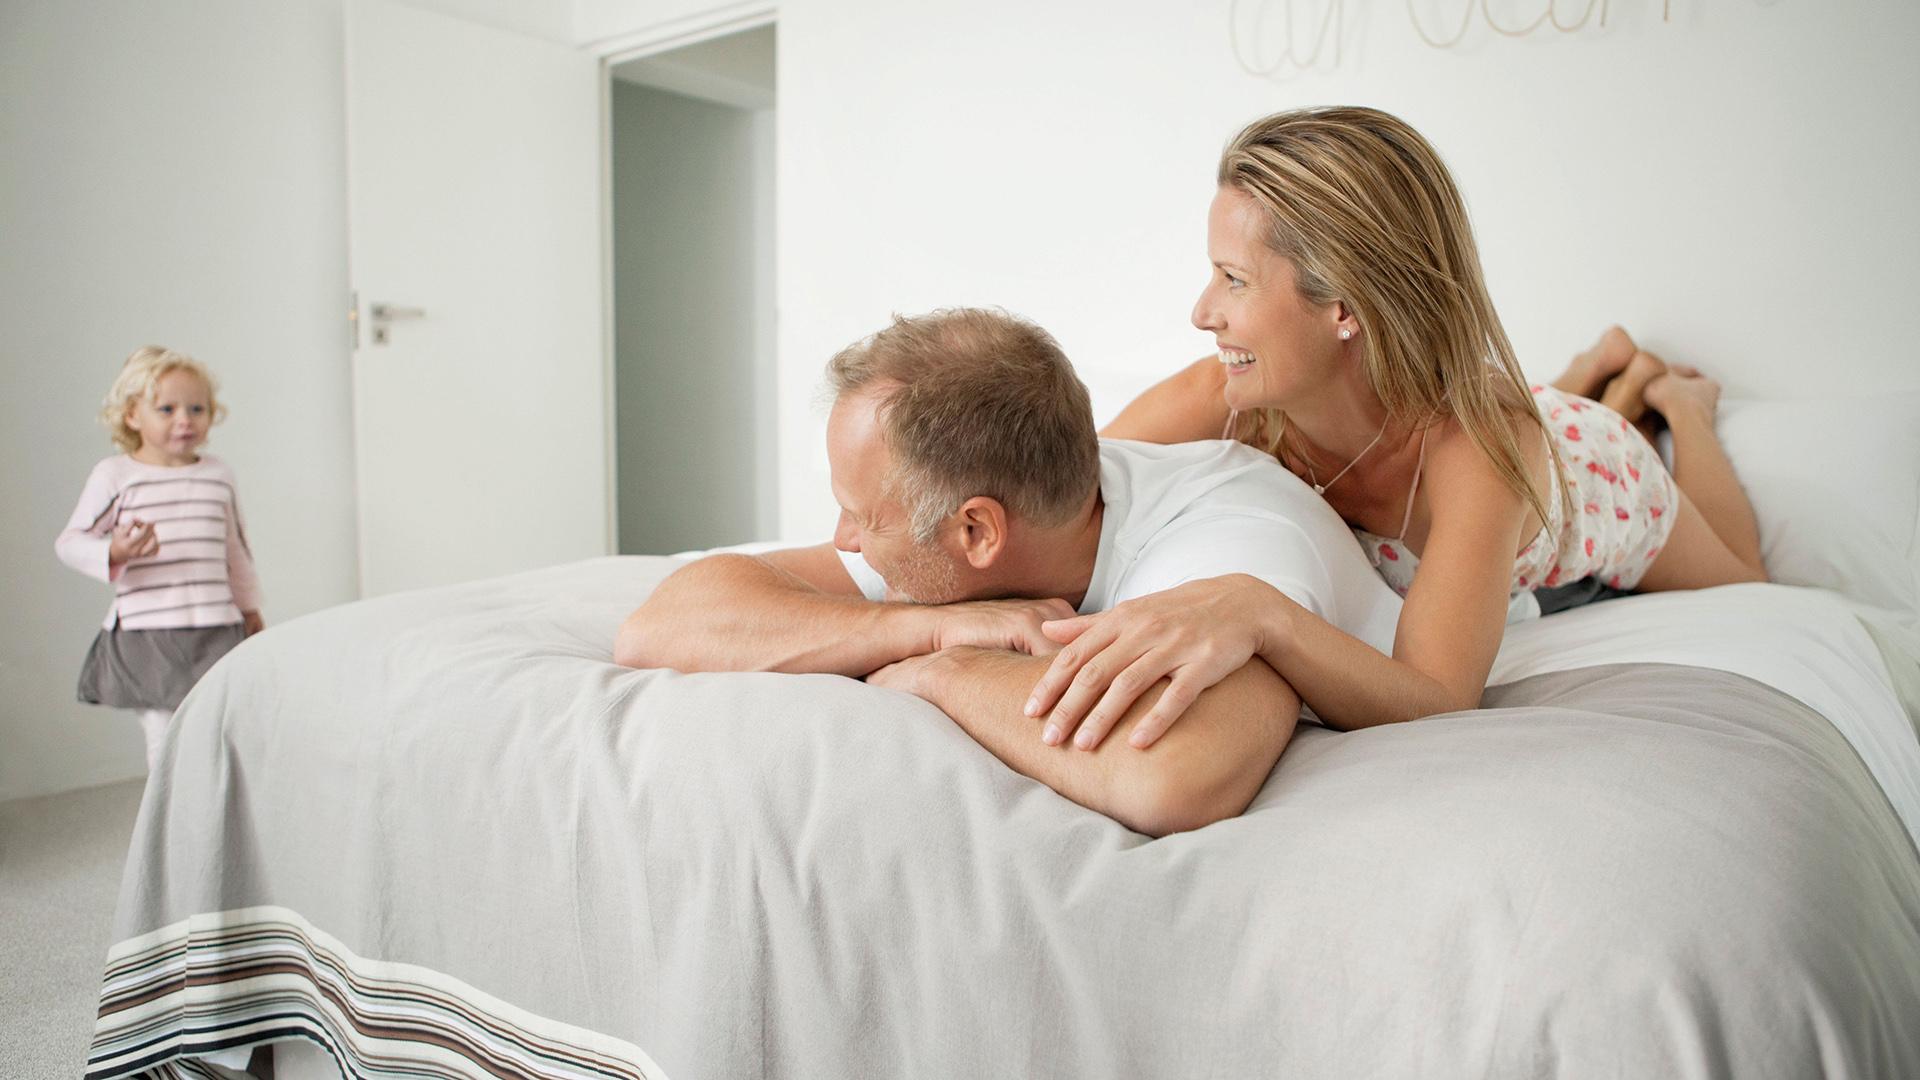 b. molnár márk dr. hevesi kriszta érzelmi terhelhetőség fogantatás gyerek hálószoba intimitás szexuális élet szexuálpszichológus szülő-gyerek kapcsolat szülők